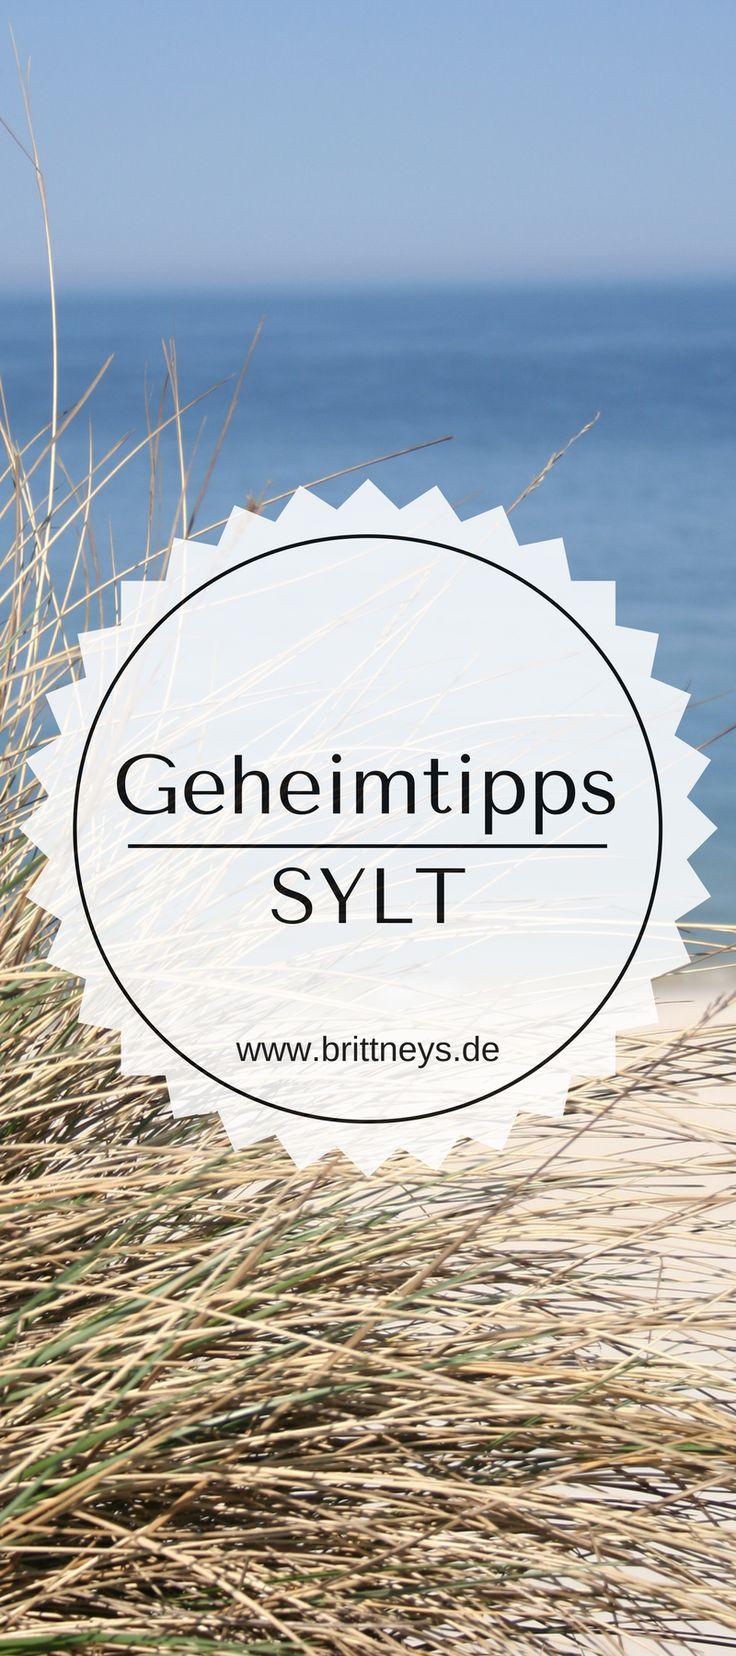 Du willst Urlaub auf Sylt abseits der Touristenmassen? Du liebst Kampen? Dann sind diese ultimativen Geheimtipps für Sylt perfekt für dich geeignet. #Sylt #UrlaubinDeutschland #Reisetipp